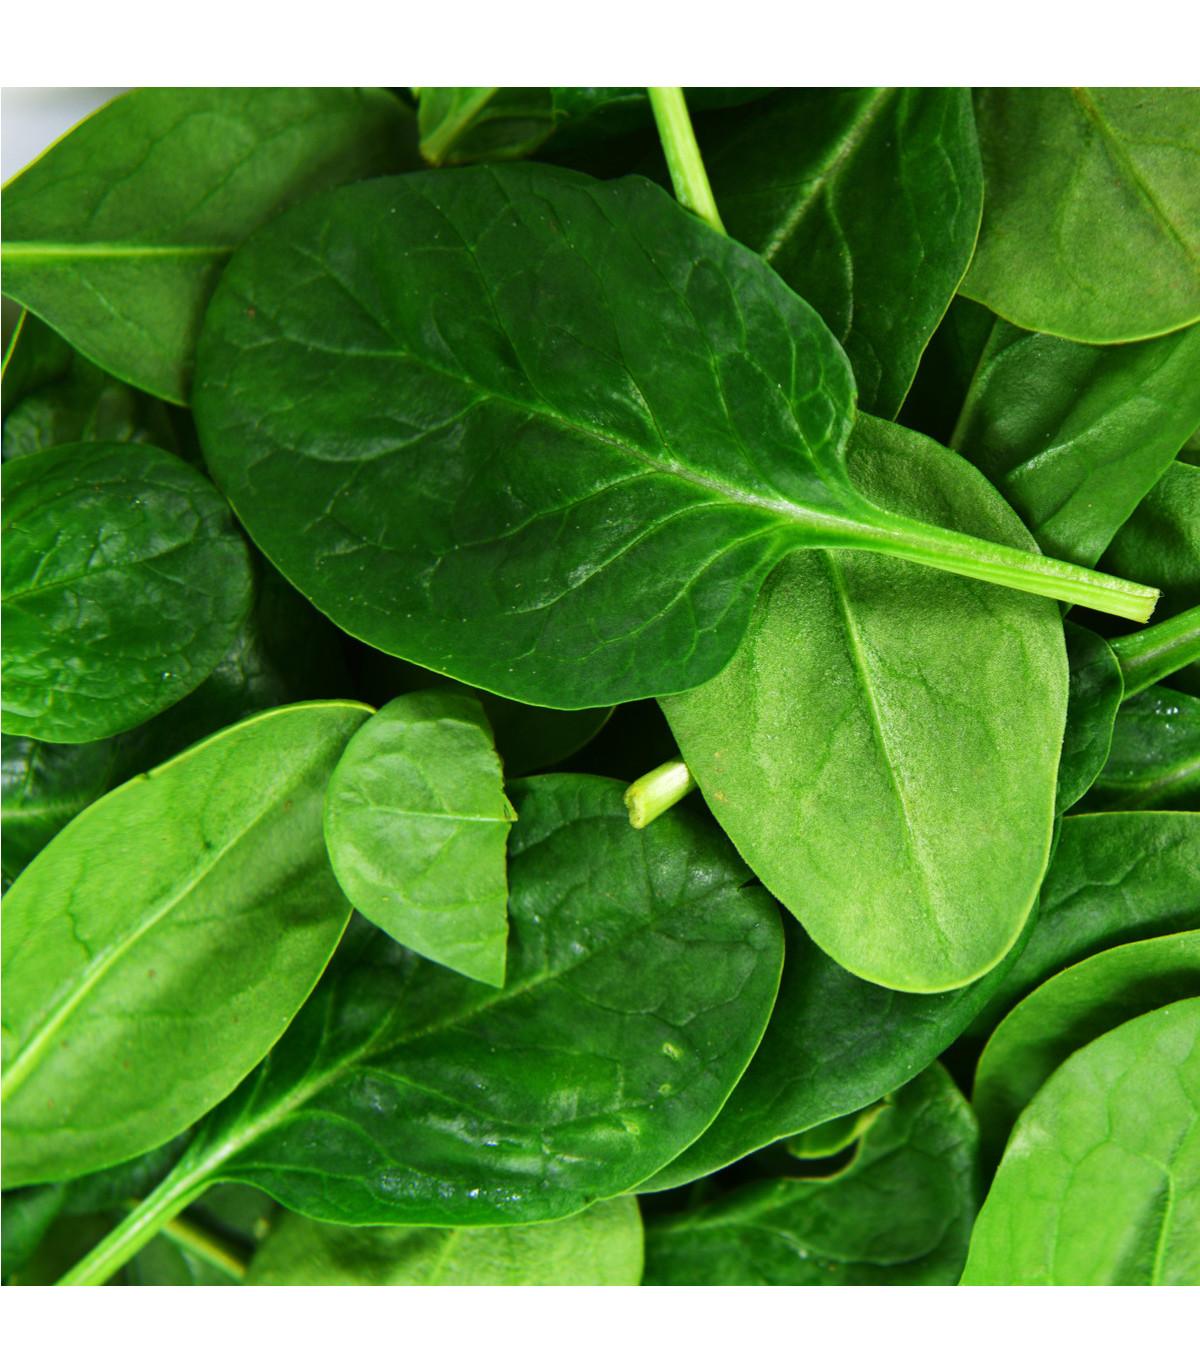 BIO Špenát siaty Palco F1 - Spinacia oleracen L. - semená bio osív - 70 ks